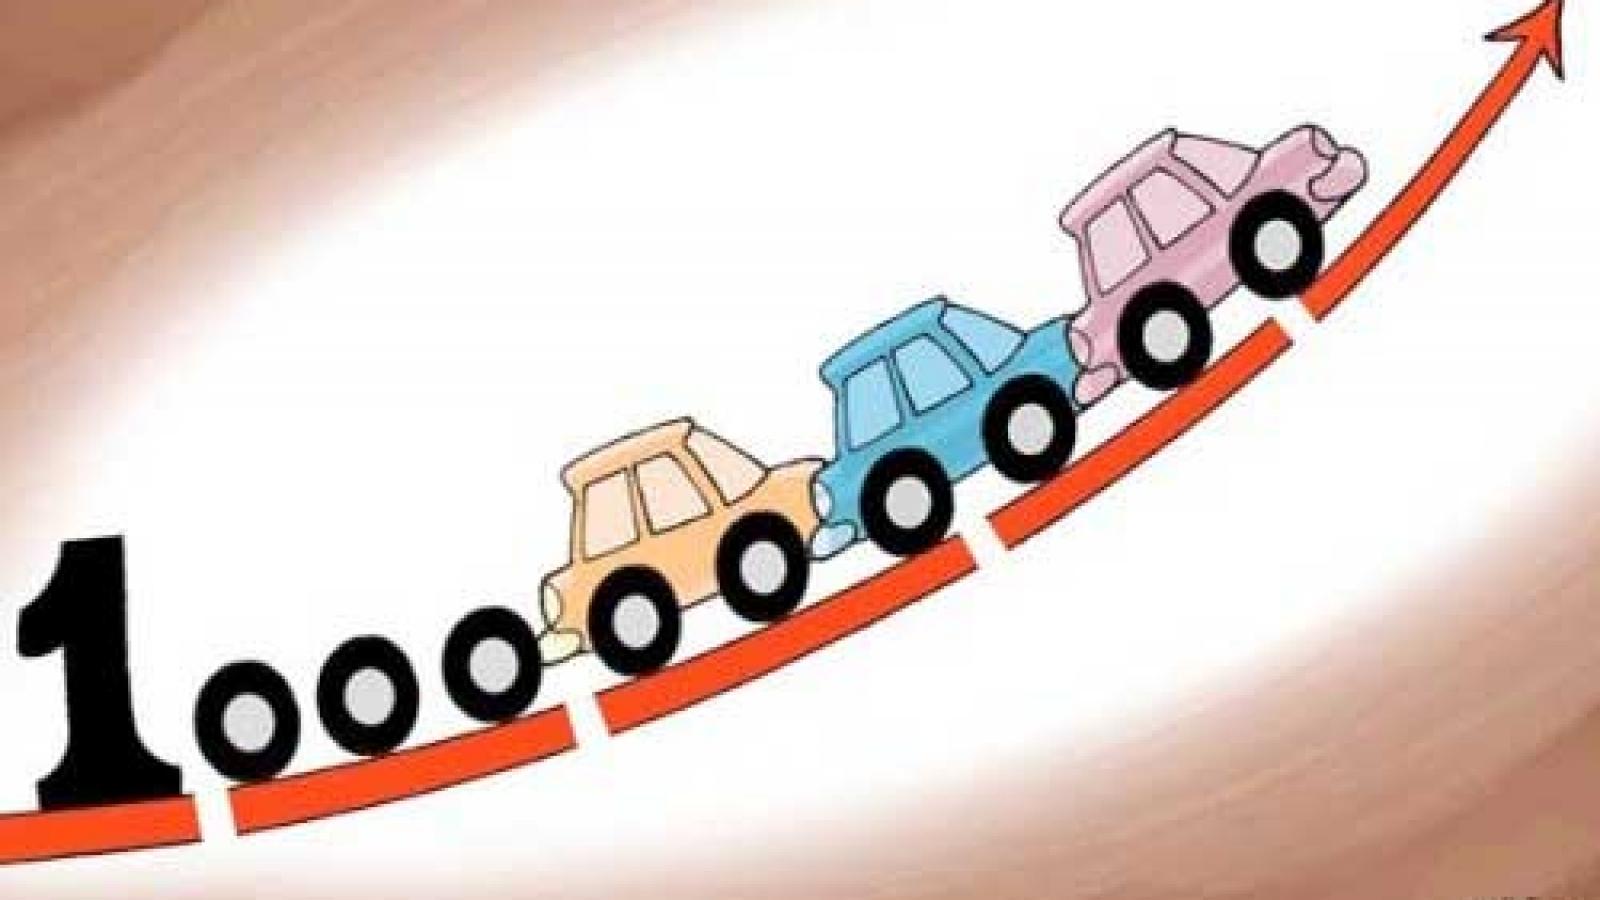 افزایش قیمت خودرو تا دو هفته آینده